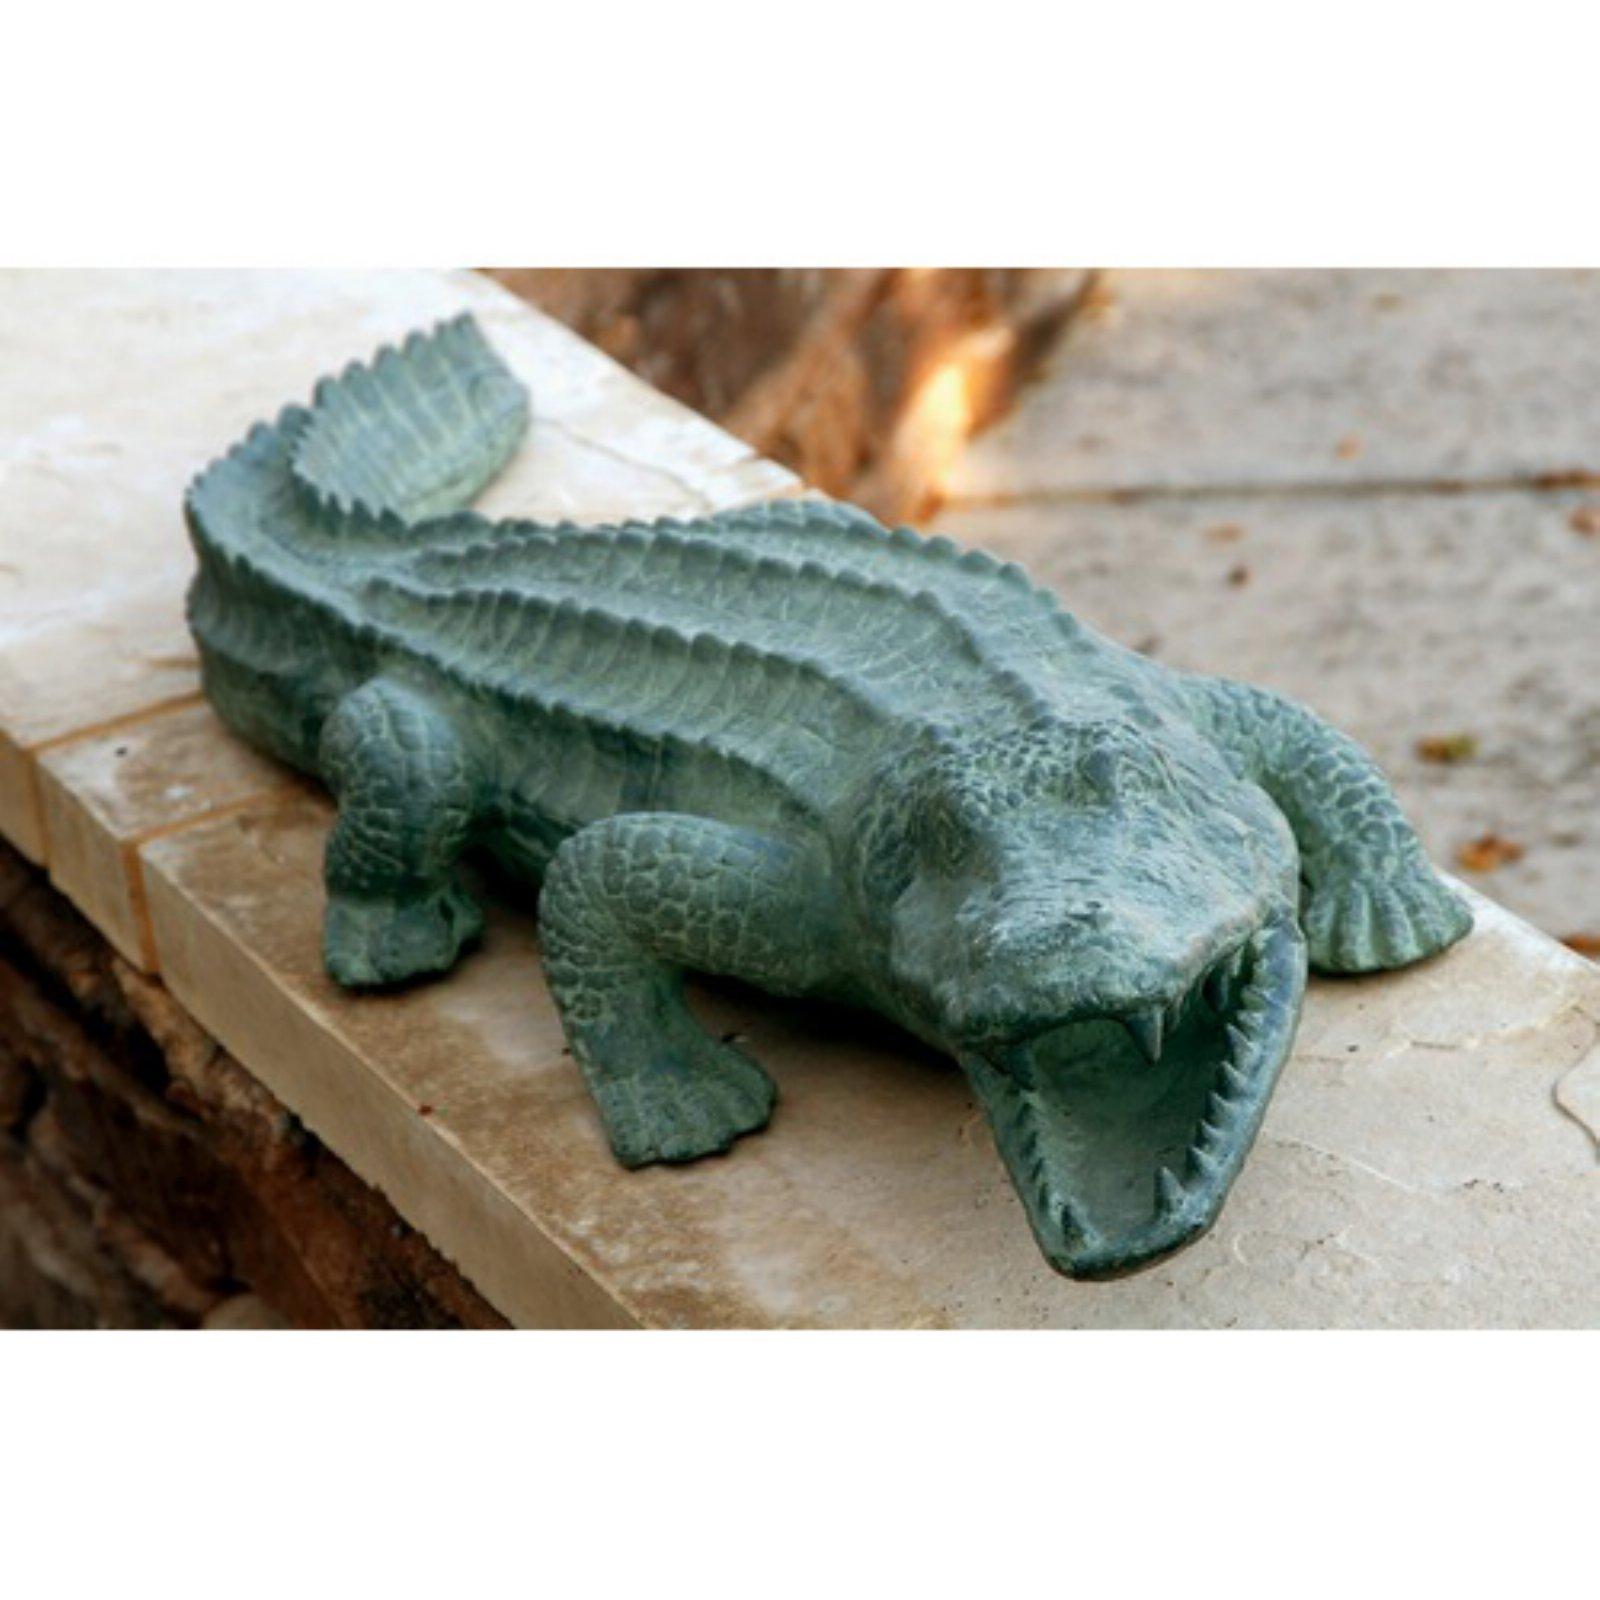 Mean Old Alligator Garden Statue